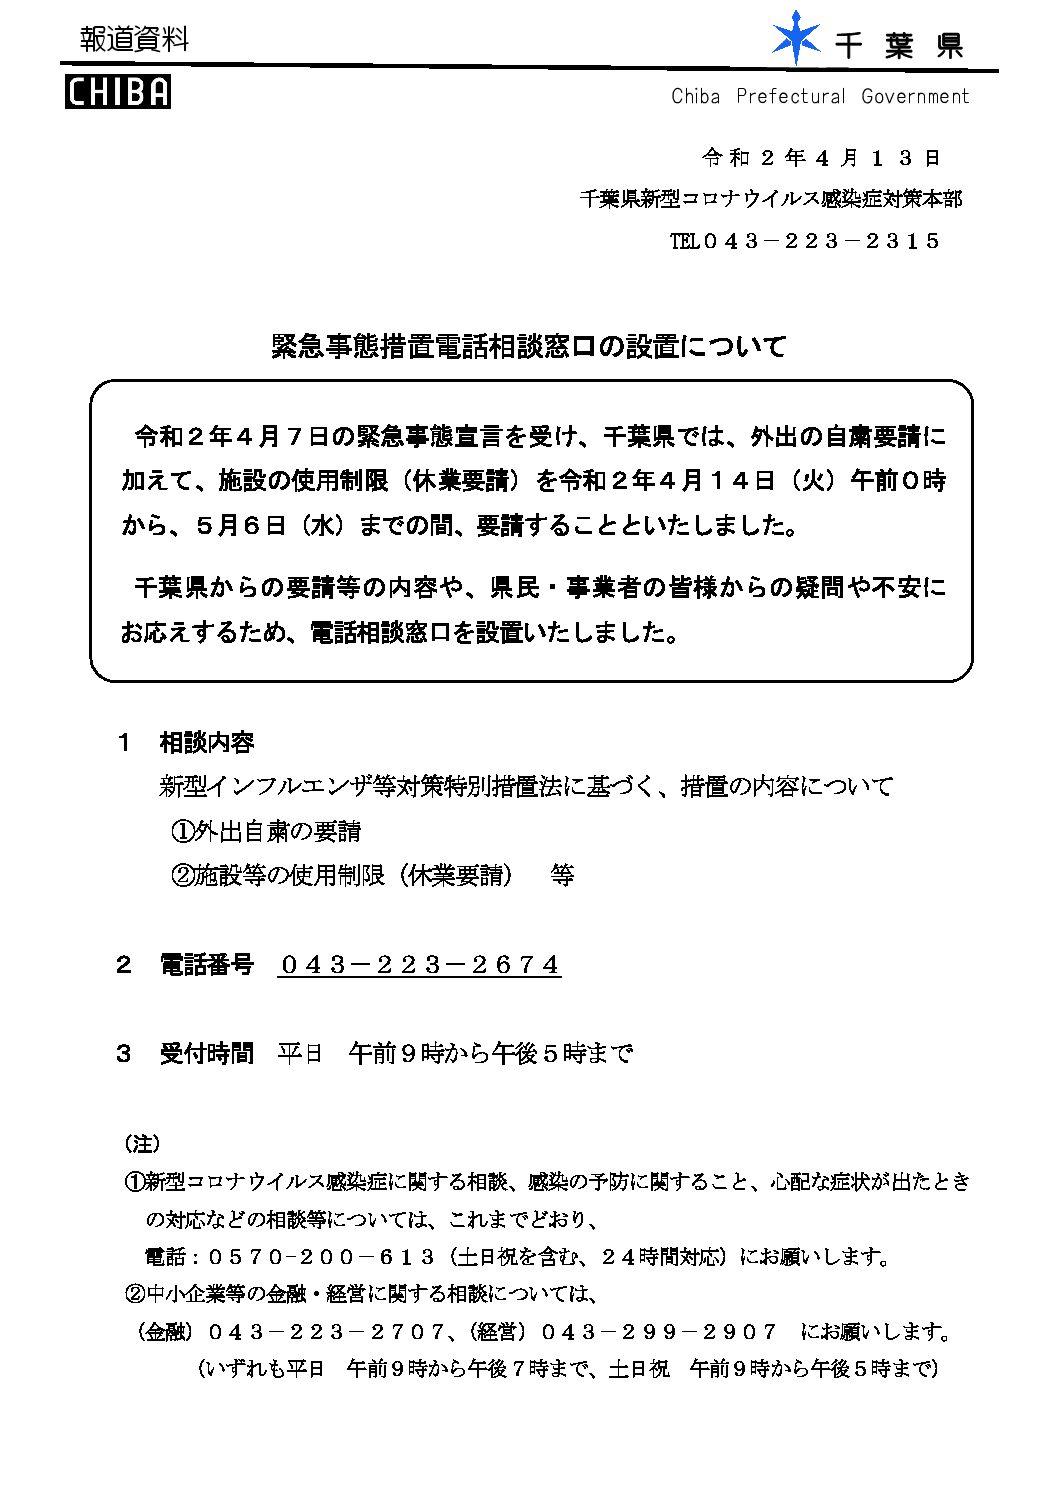 千葉県より 緊急事態措置電話相談窓口の設置について